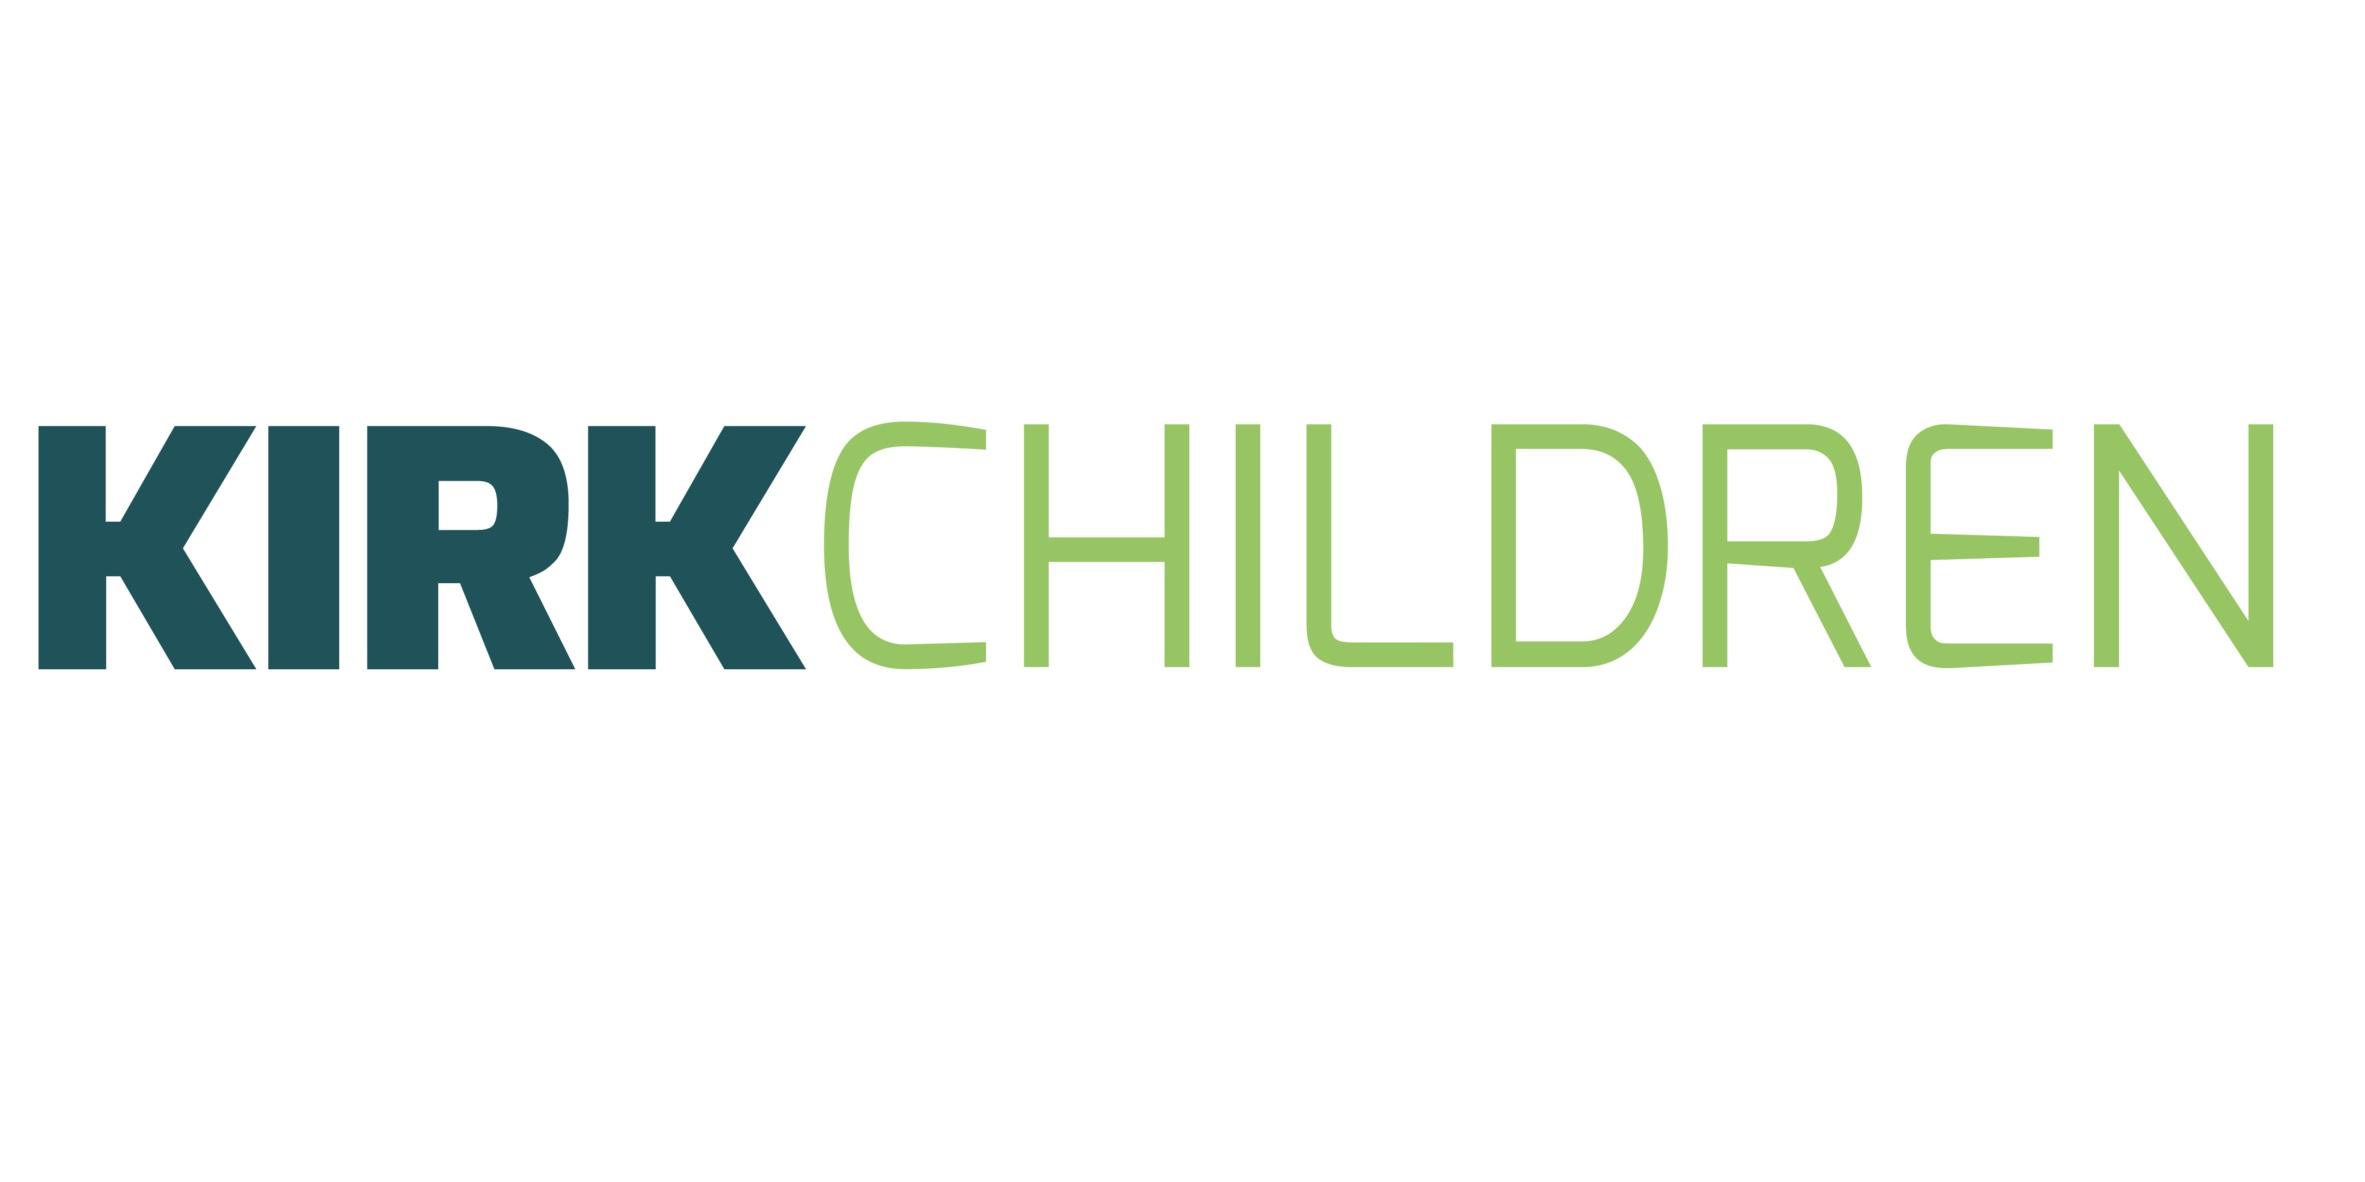 kirk_children.jpg